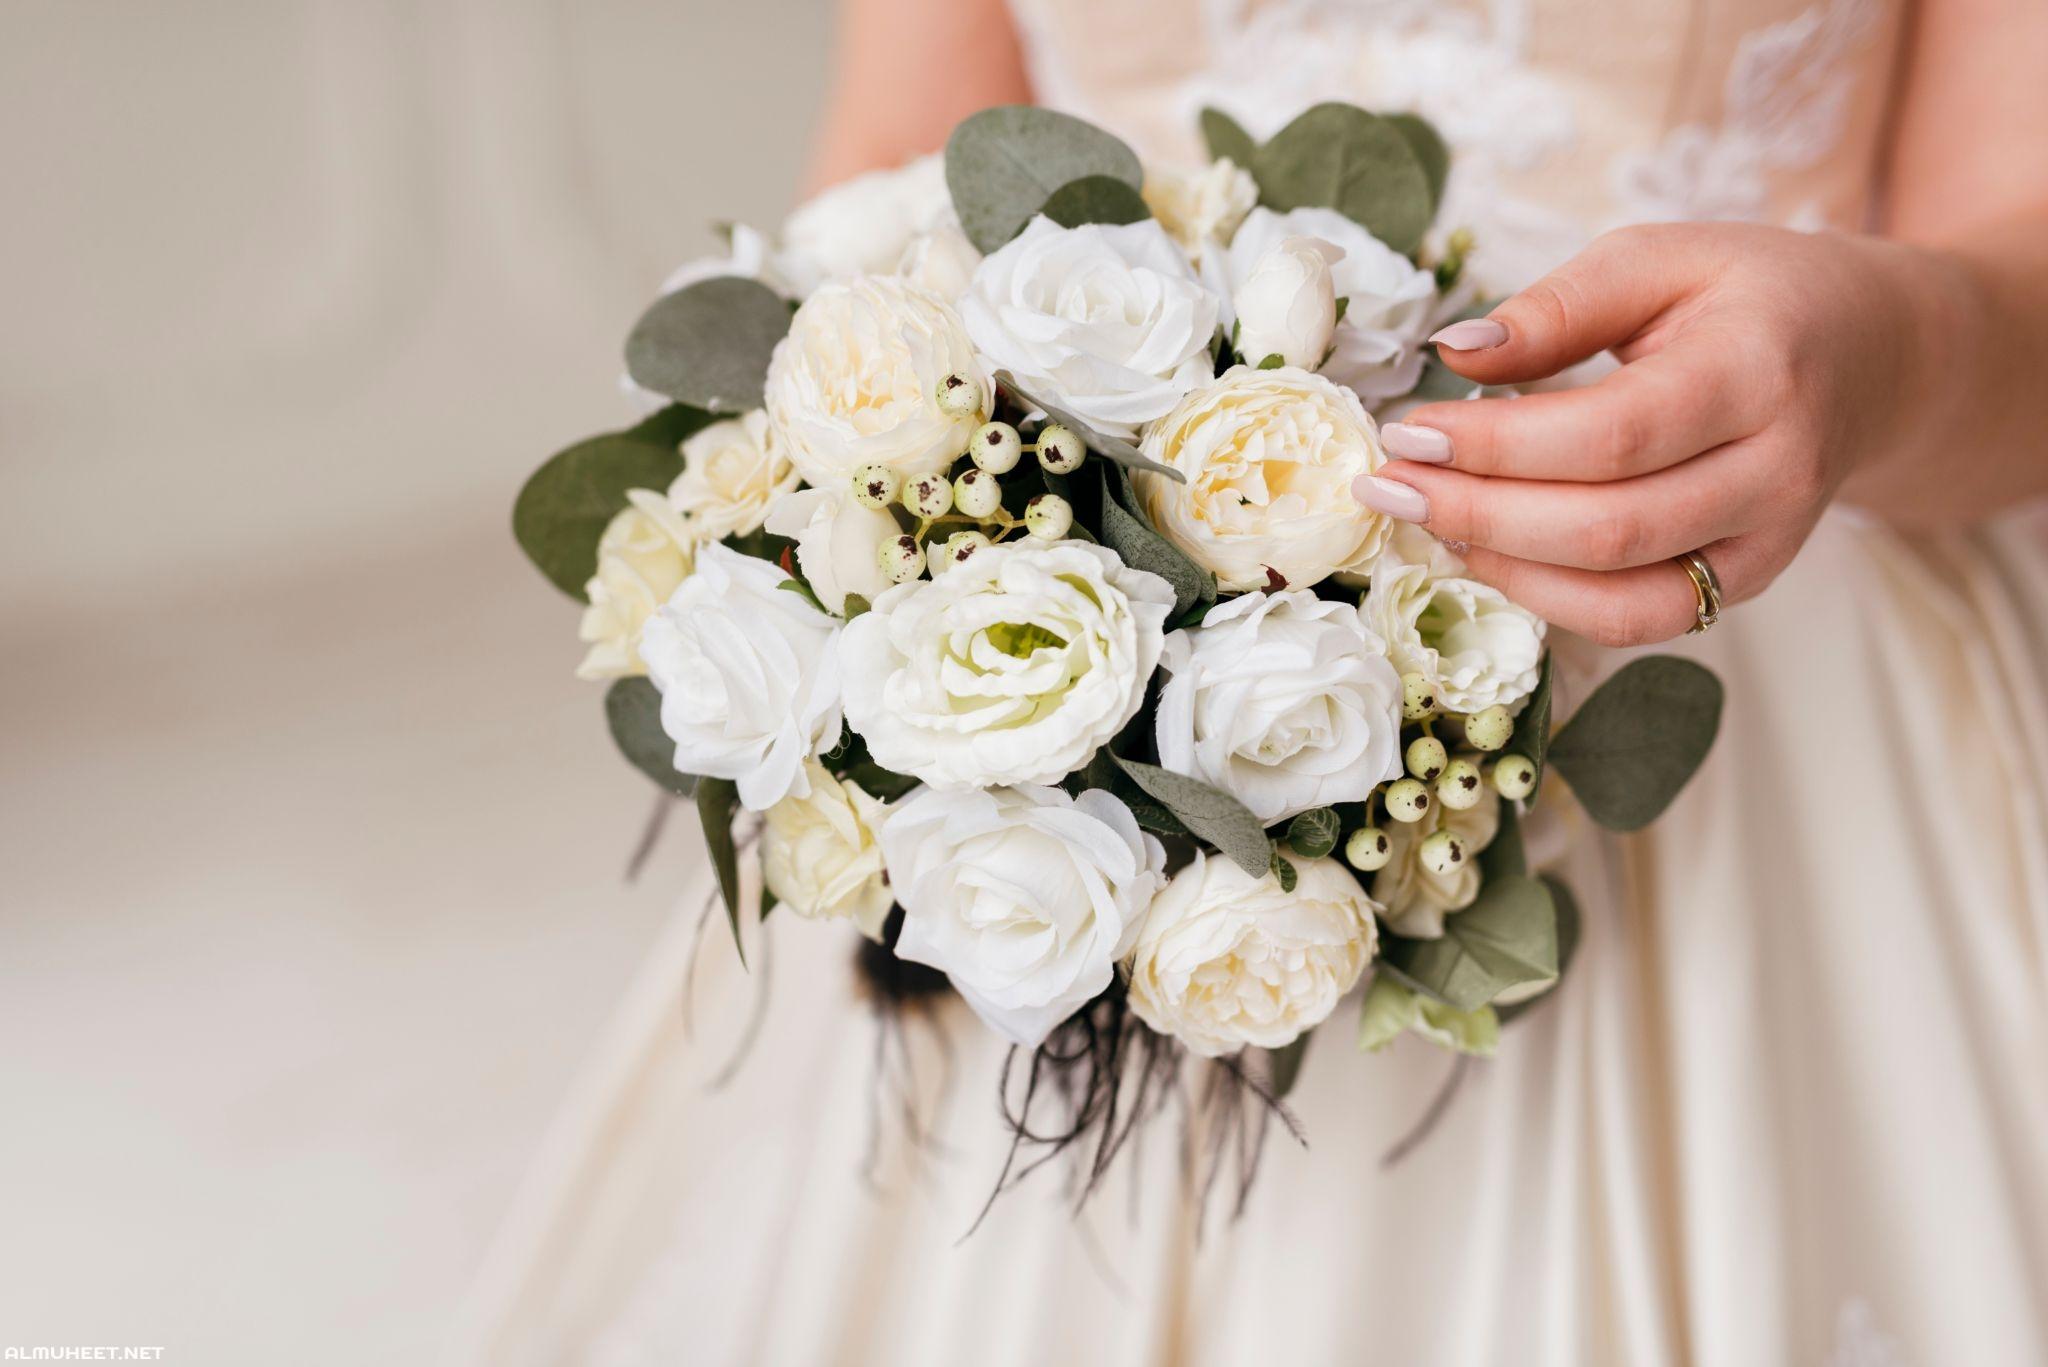 عبارات للعروس قصيره معبرة في ليلة زواجها